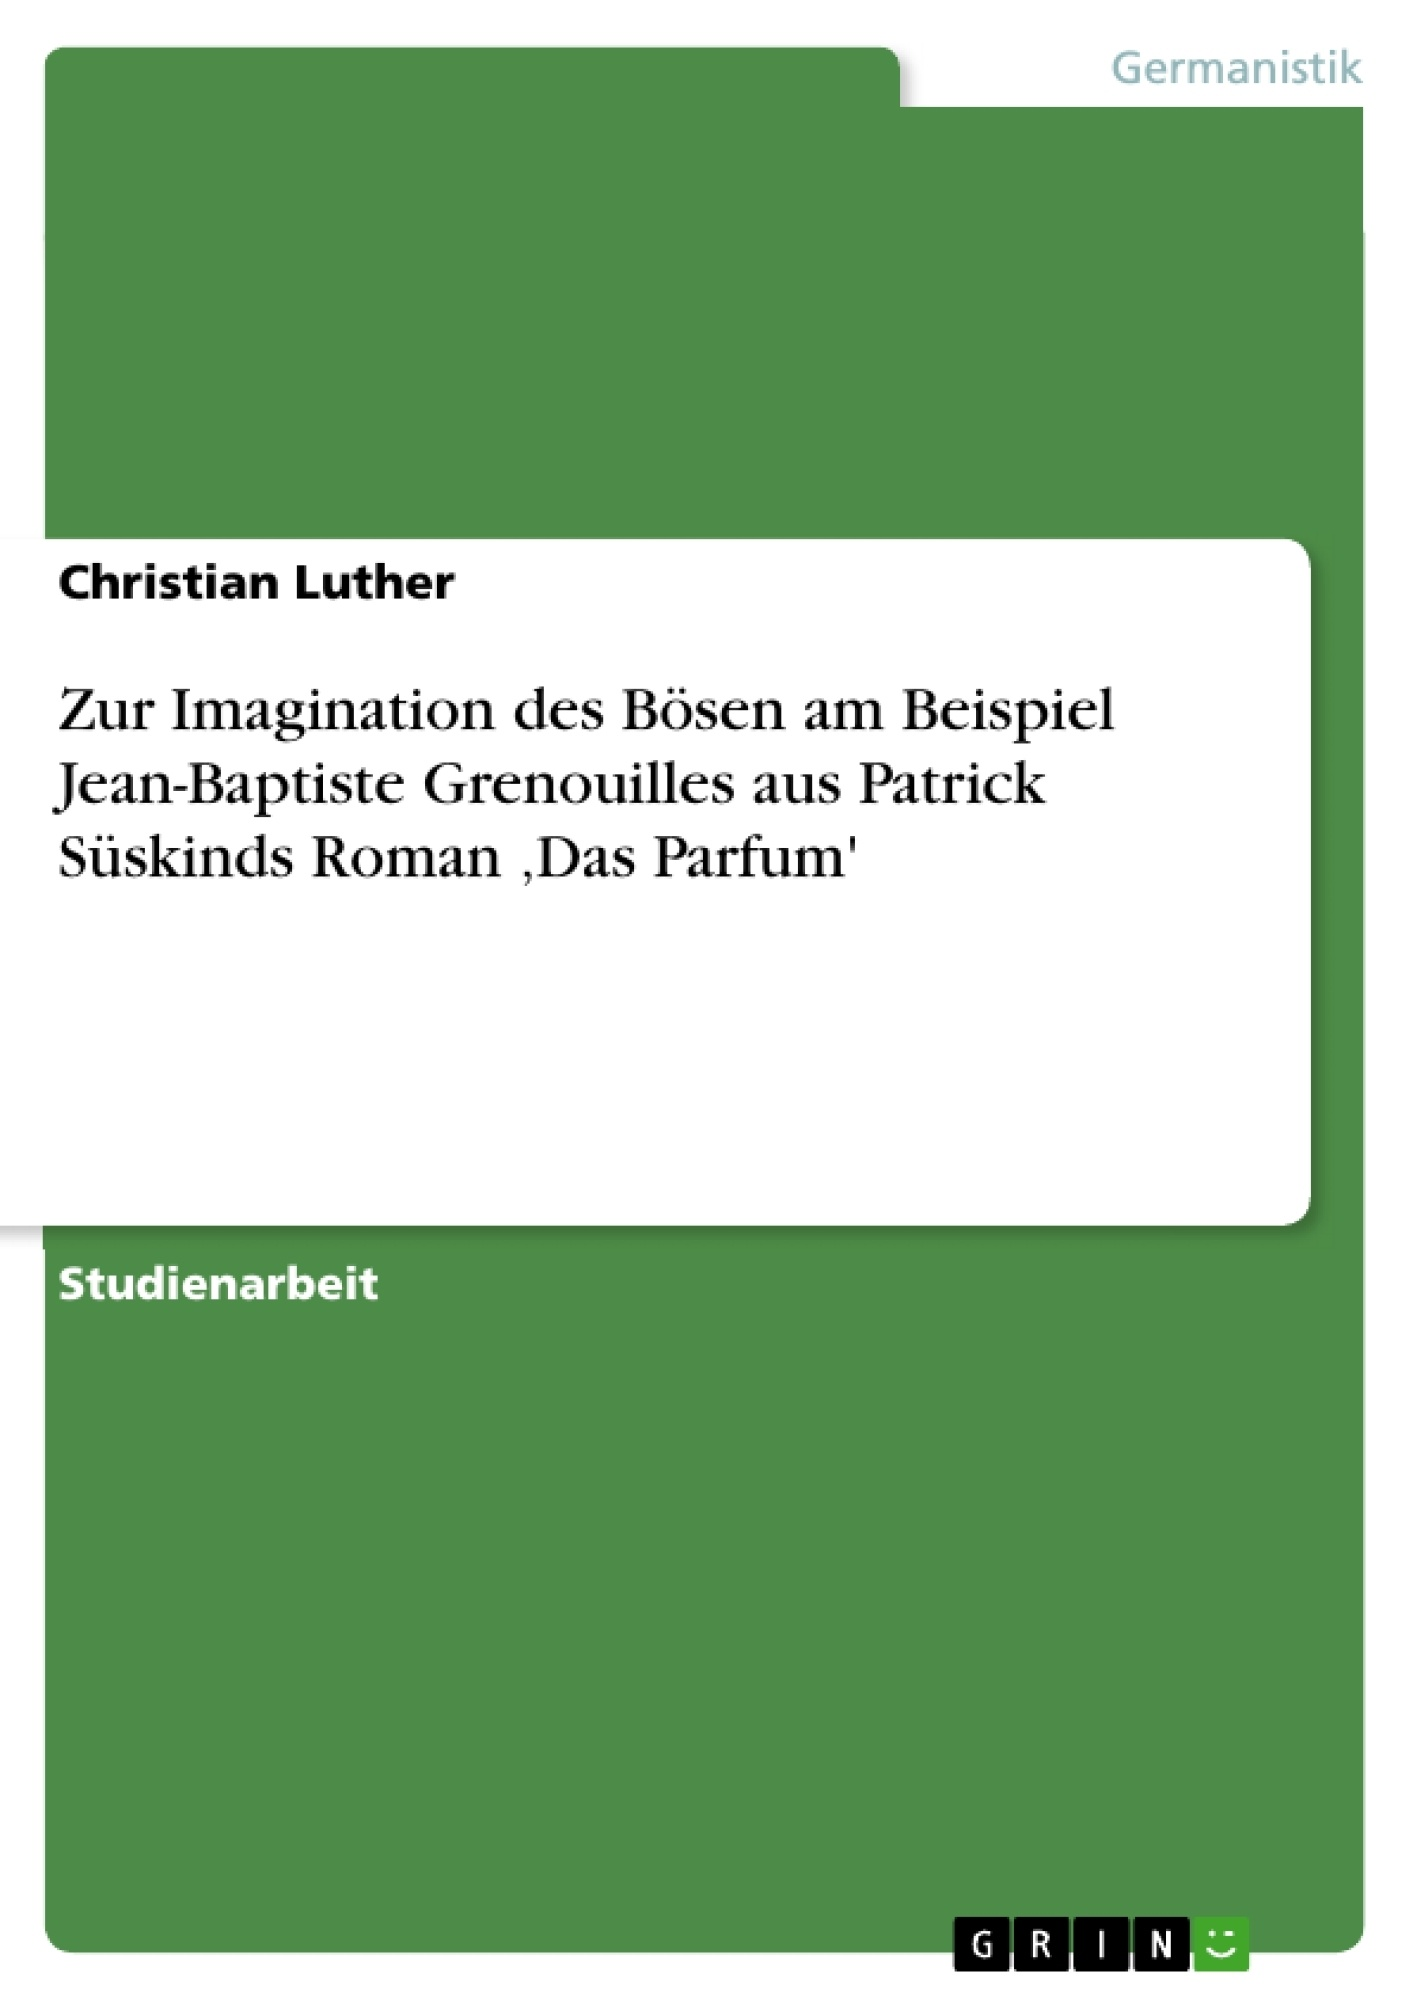 Titel: Zur Imagination des Bösen am Beispiel Jean-Baptiste Grenouilles aus Patrick Süskinds Roman 'Das Parfum'